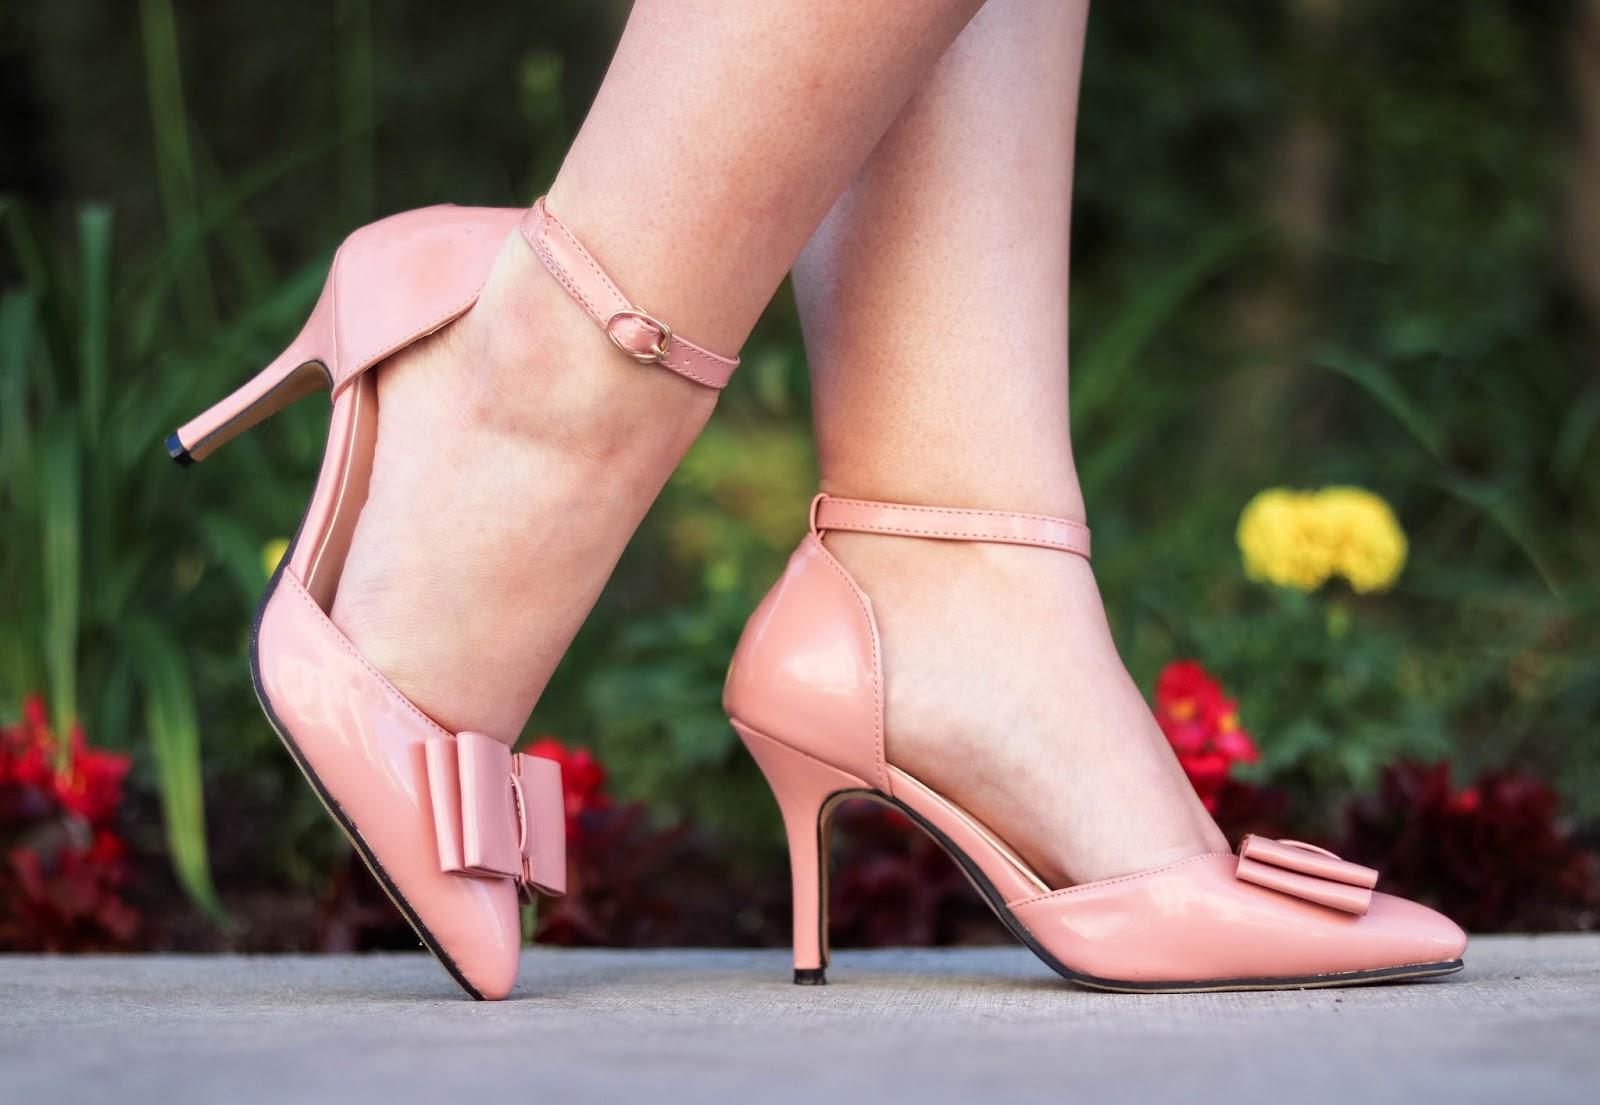 Elizabeth Hugen of Lizzie in Lace styles pink bow heels